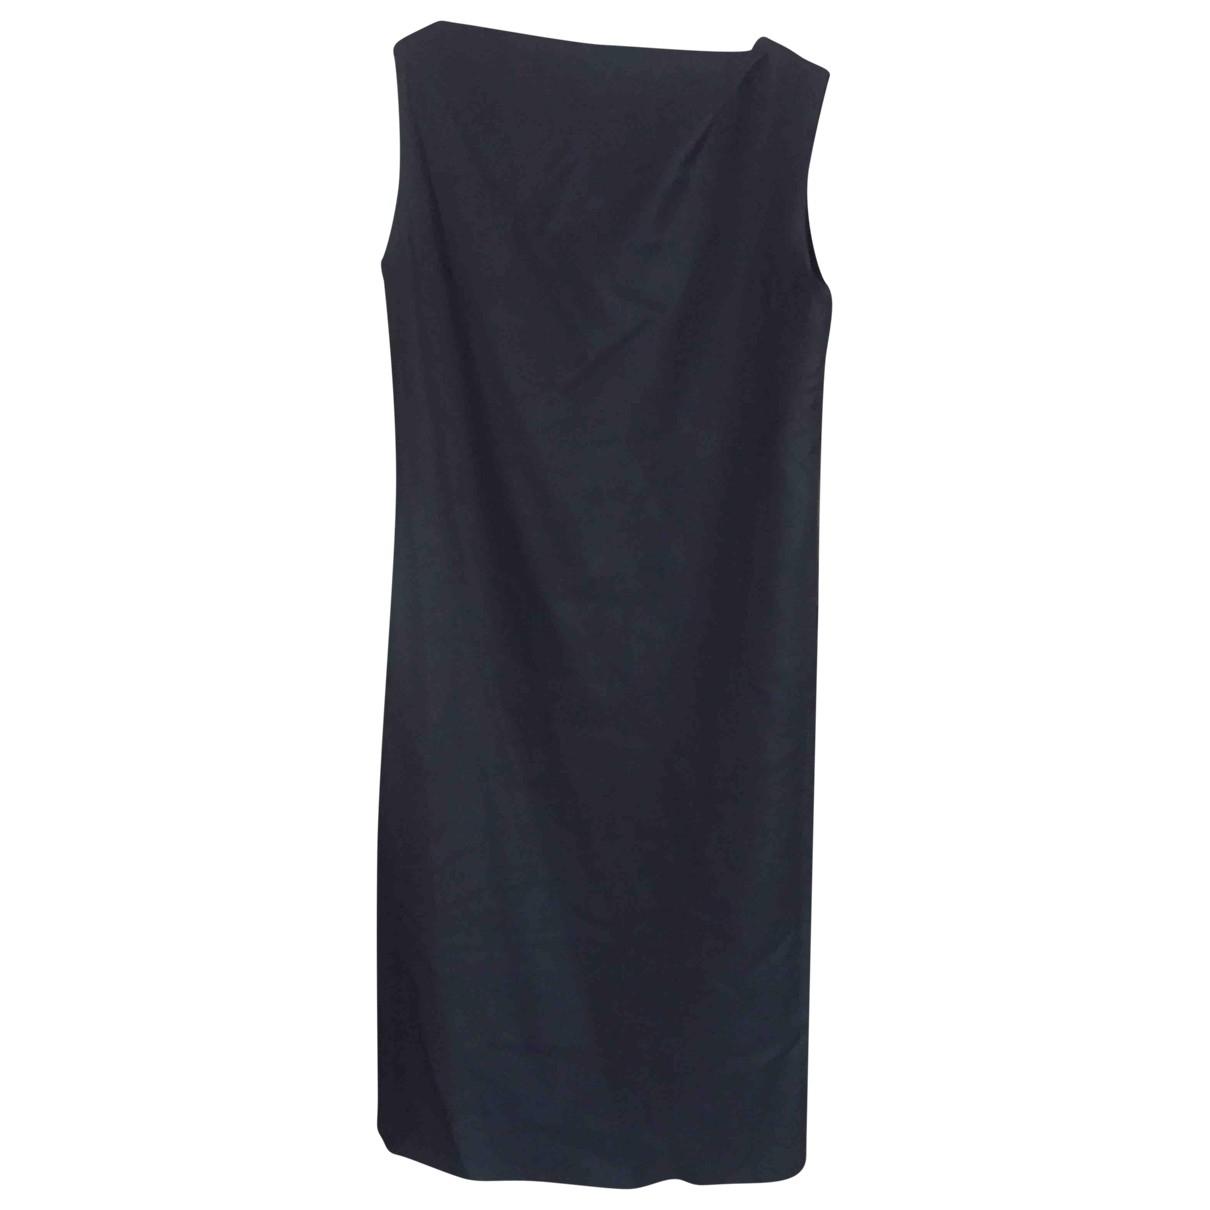 Maison Martin Margiela \N Black Wool dress for Women 44 IT